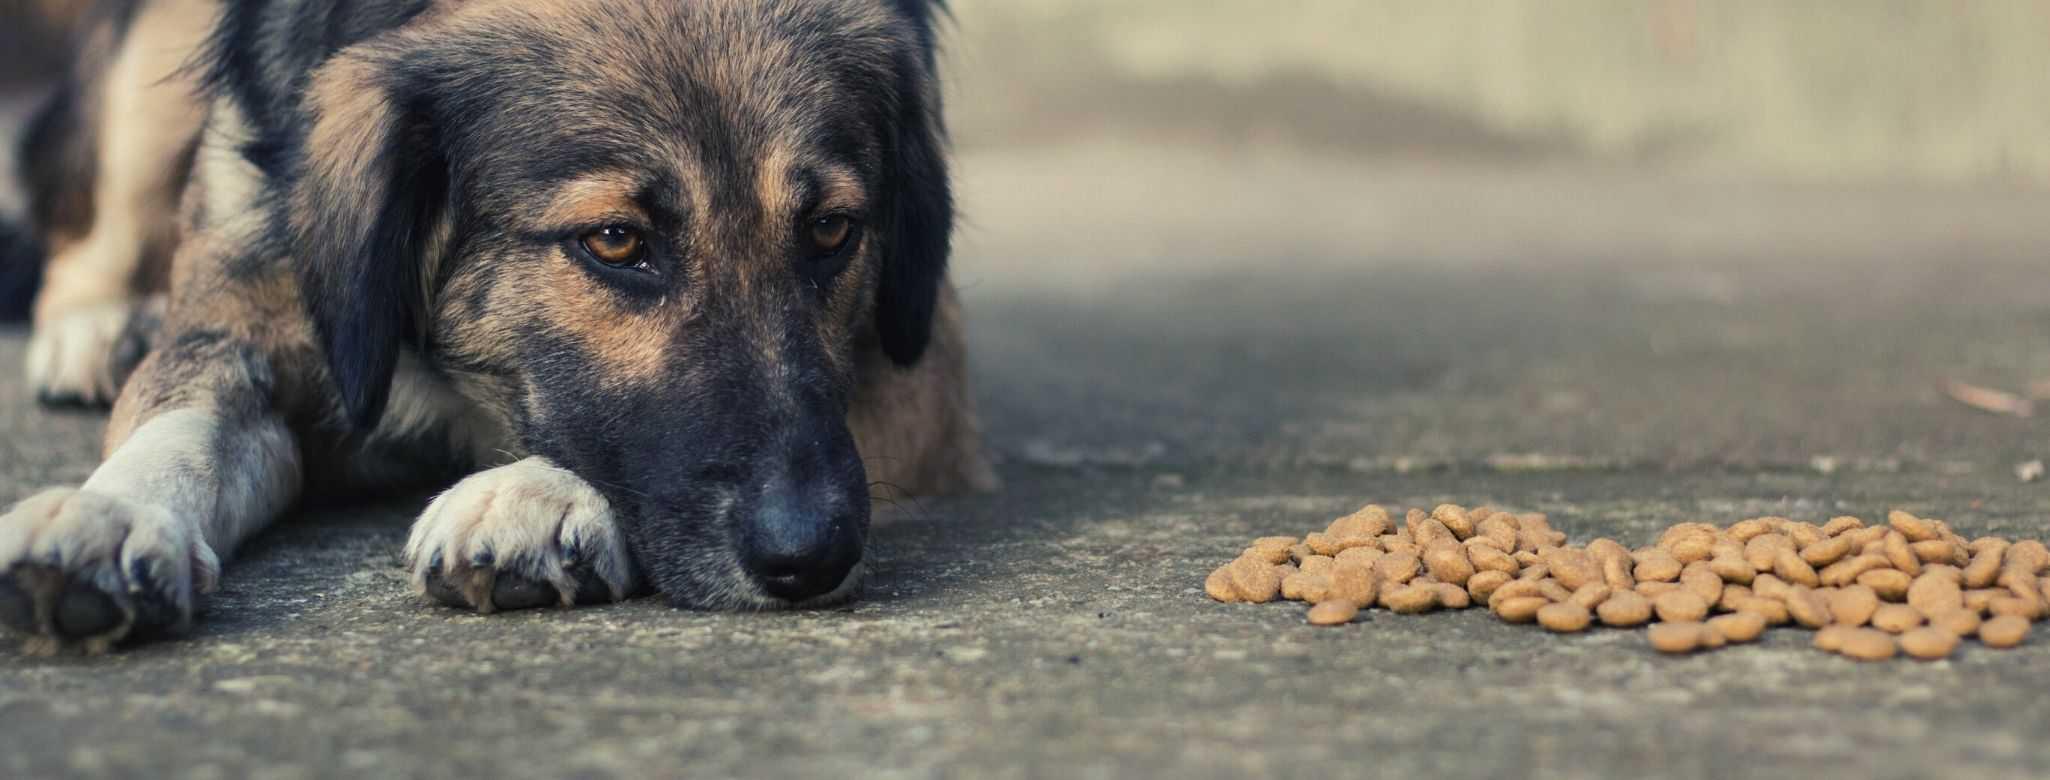 best low phosphorus dog food